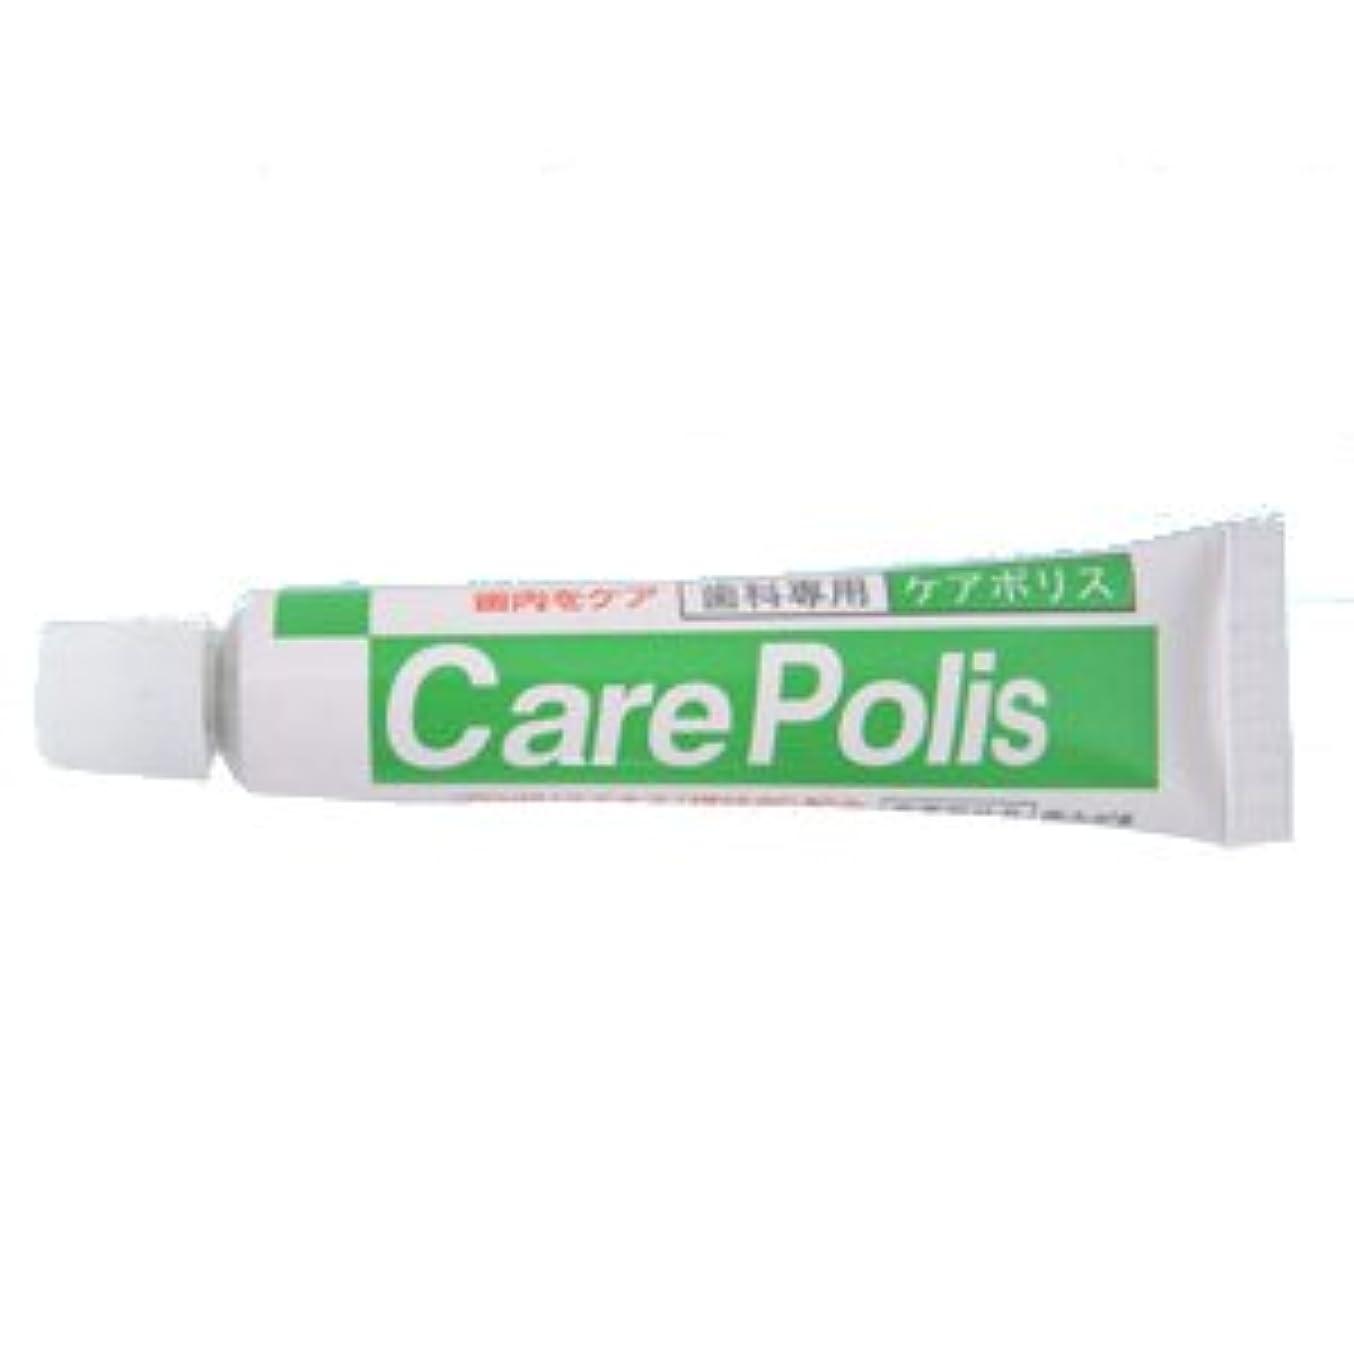 プライバシー勇者陽気な薬用歯磨 ケアポリス 7g 医薬部外品